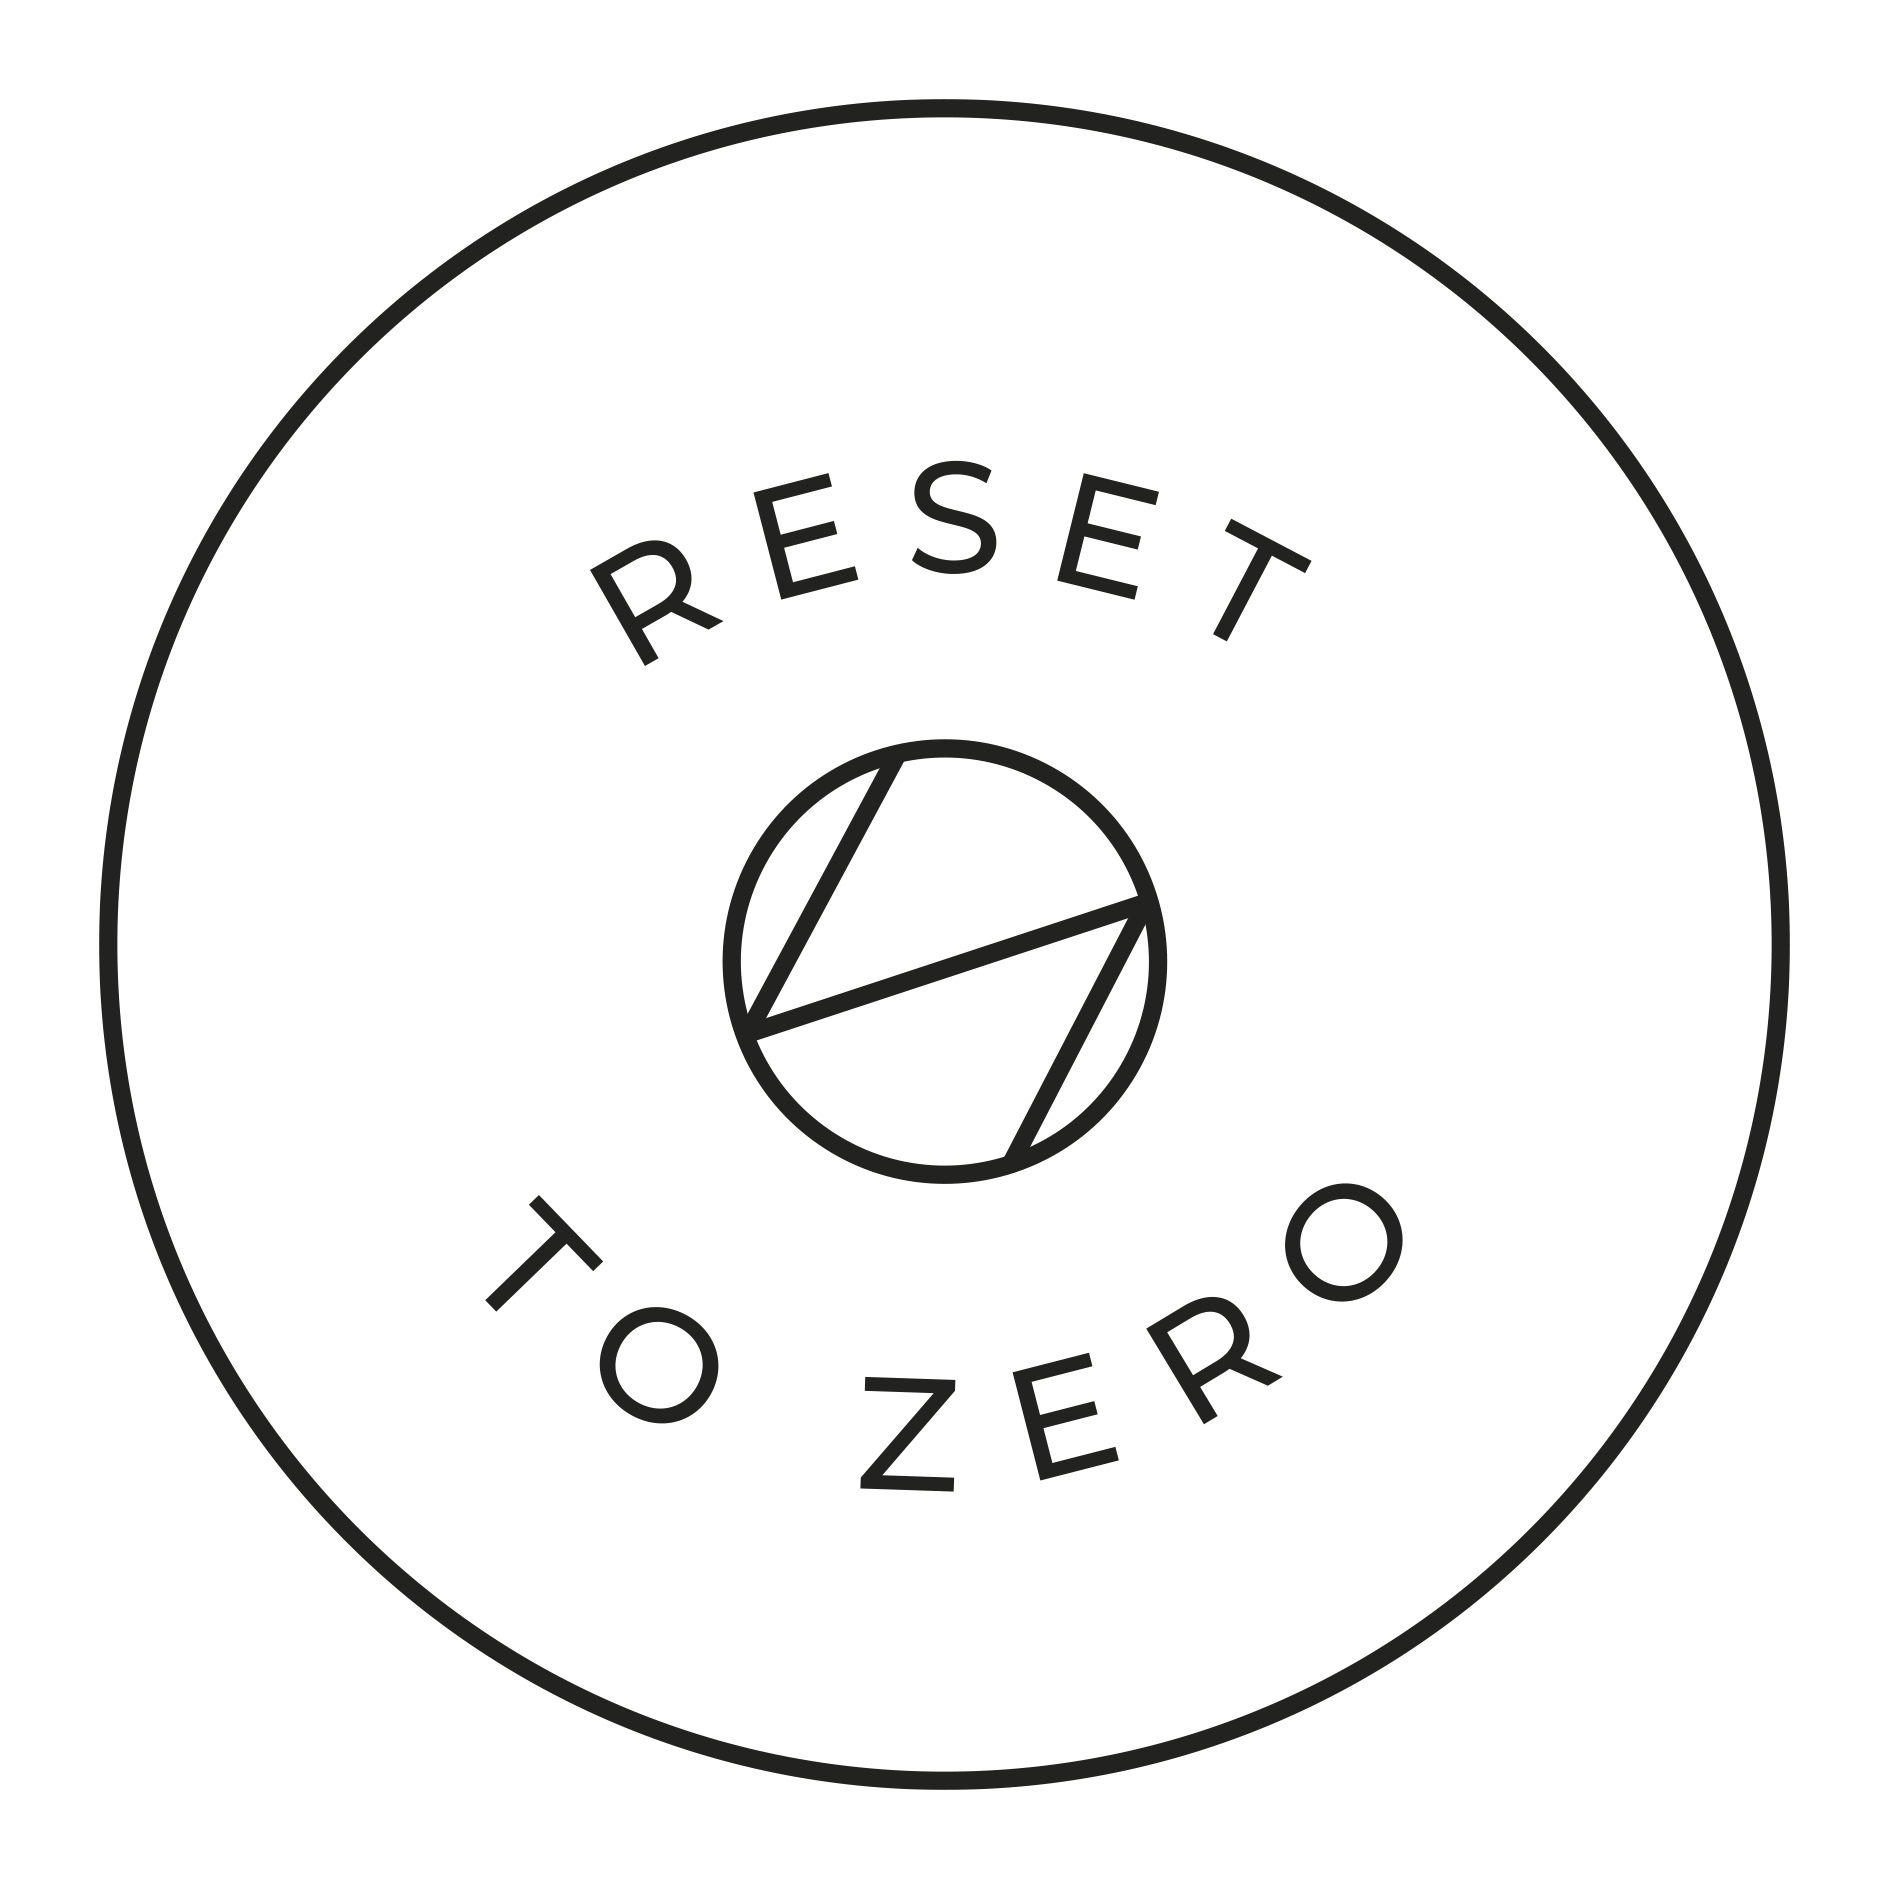 Reset to Zero